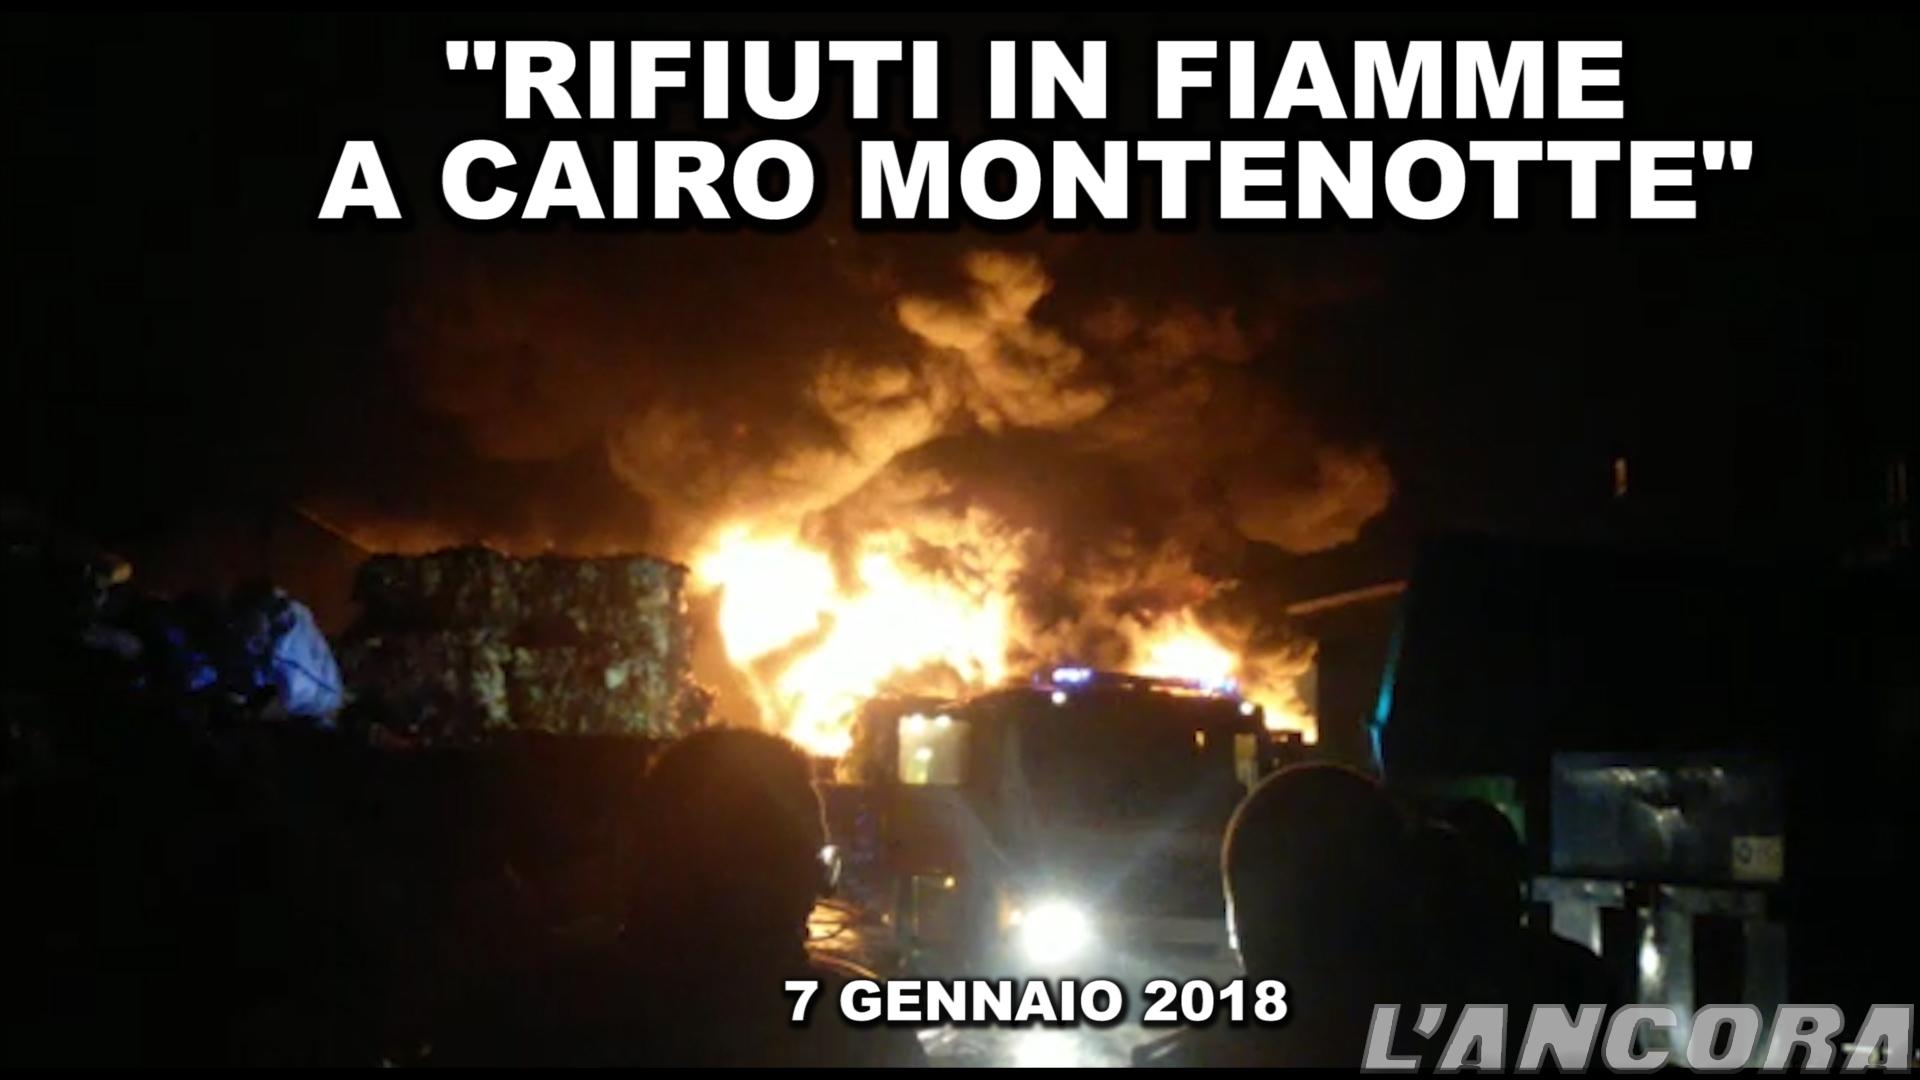 Rifiuti in fiamme a Cairo